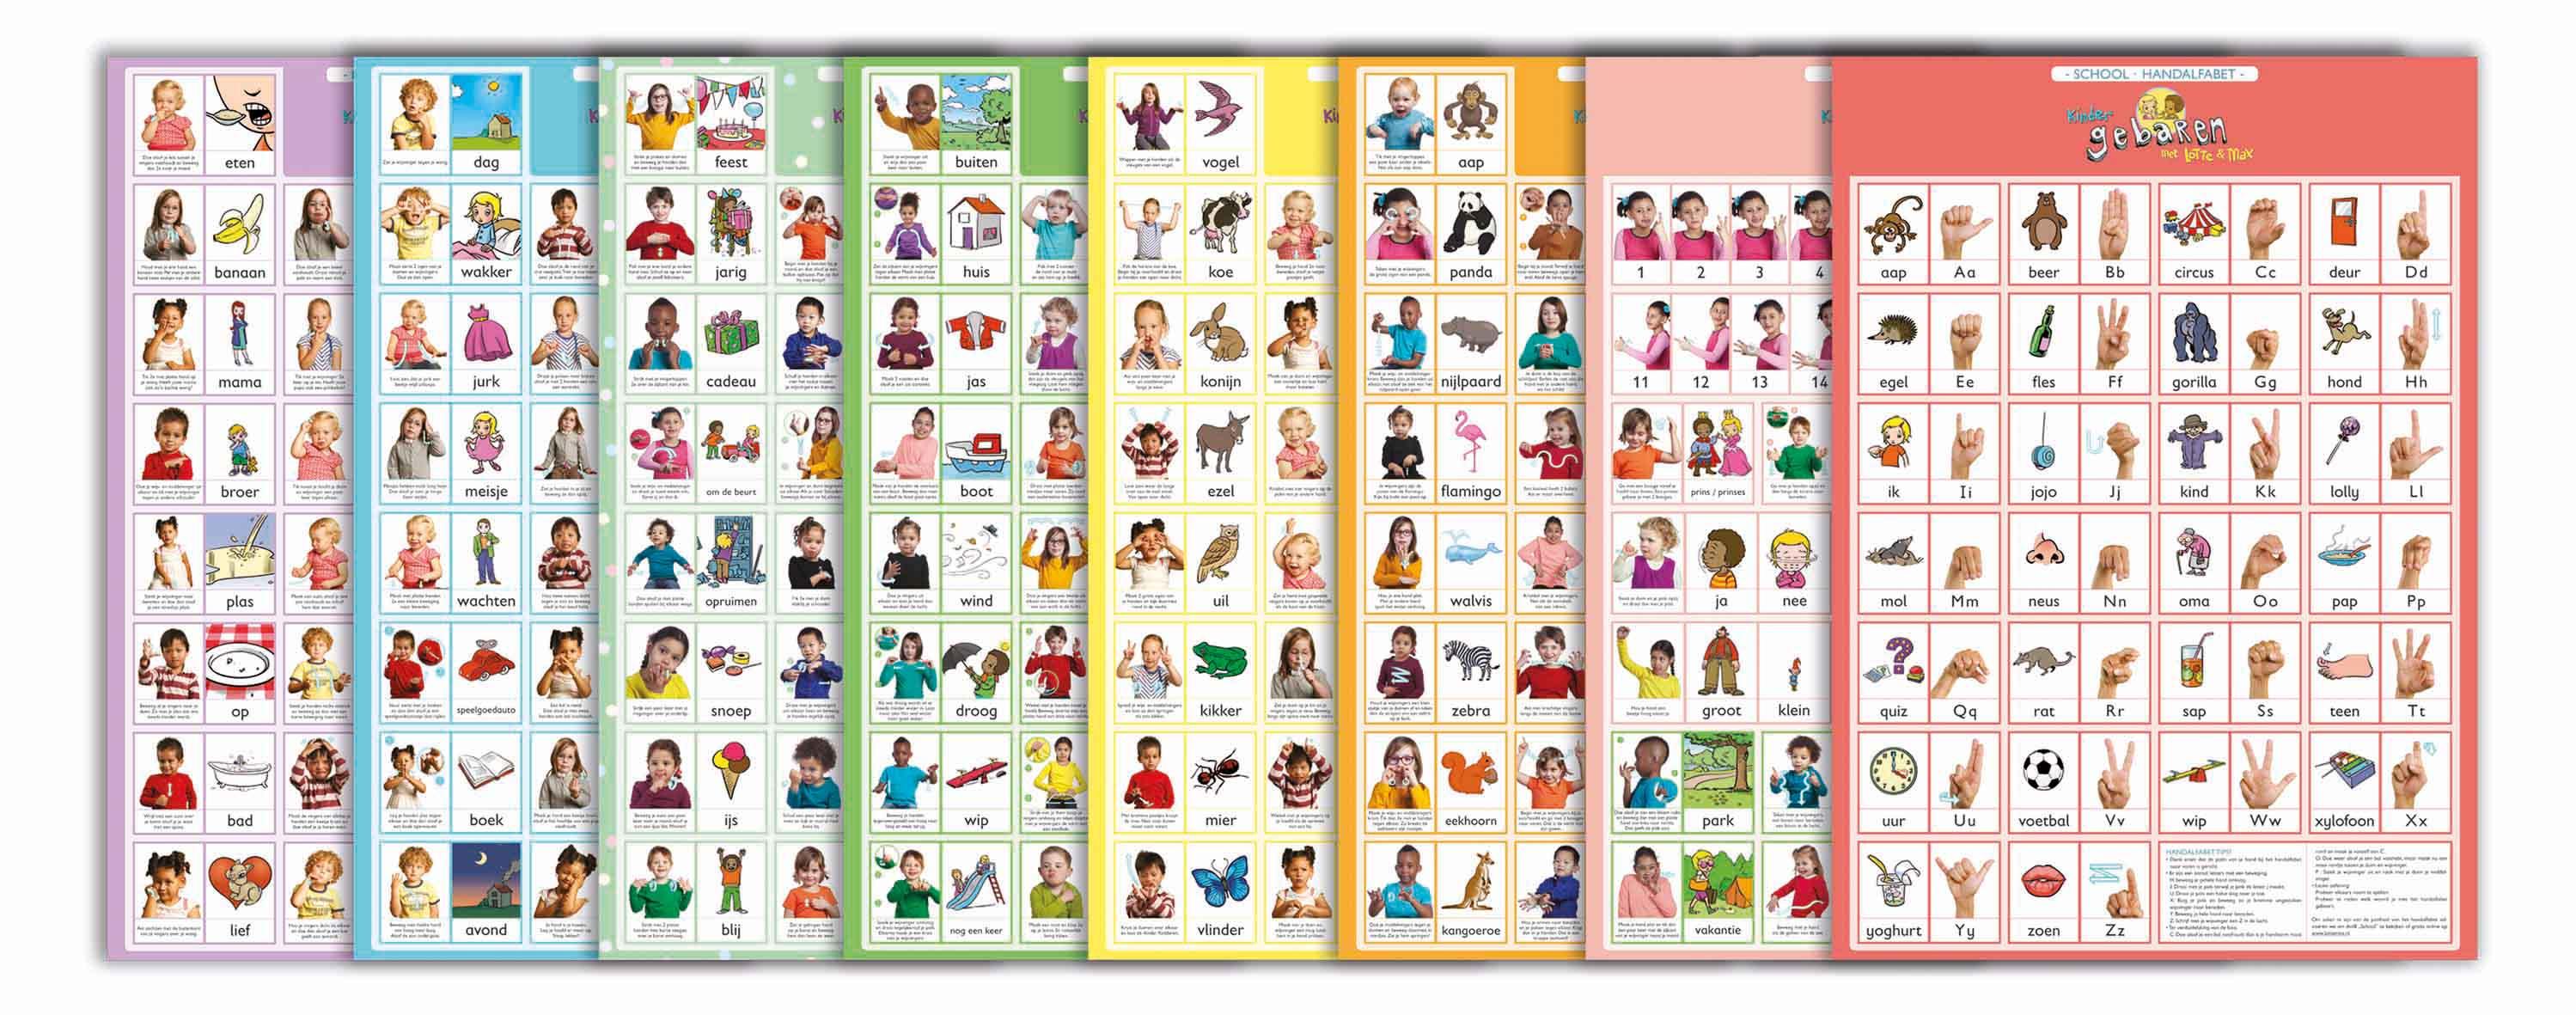 De Lotte En Max Posterset Bevat 9 Posters Met Alle Gebaren